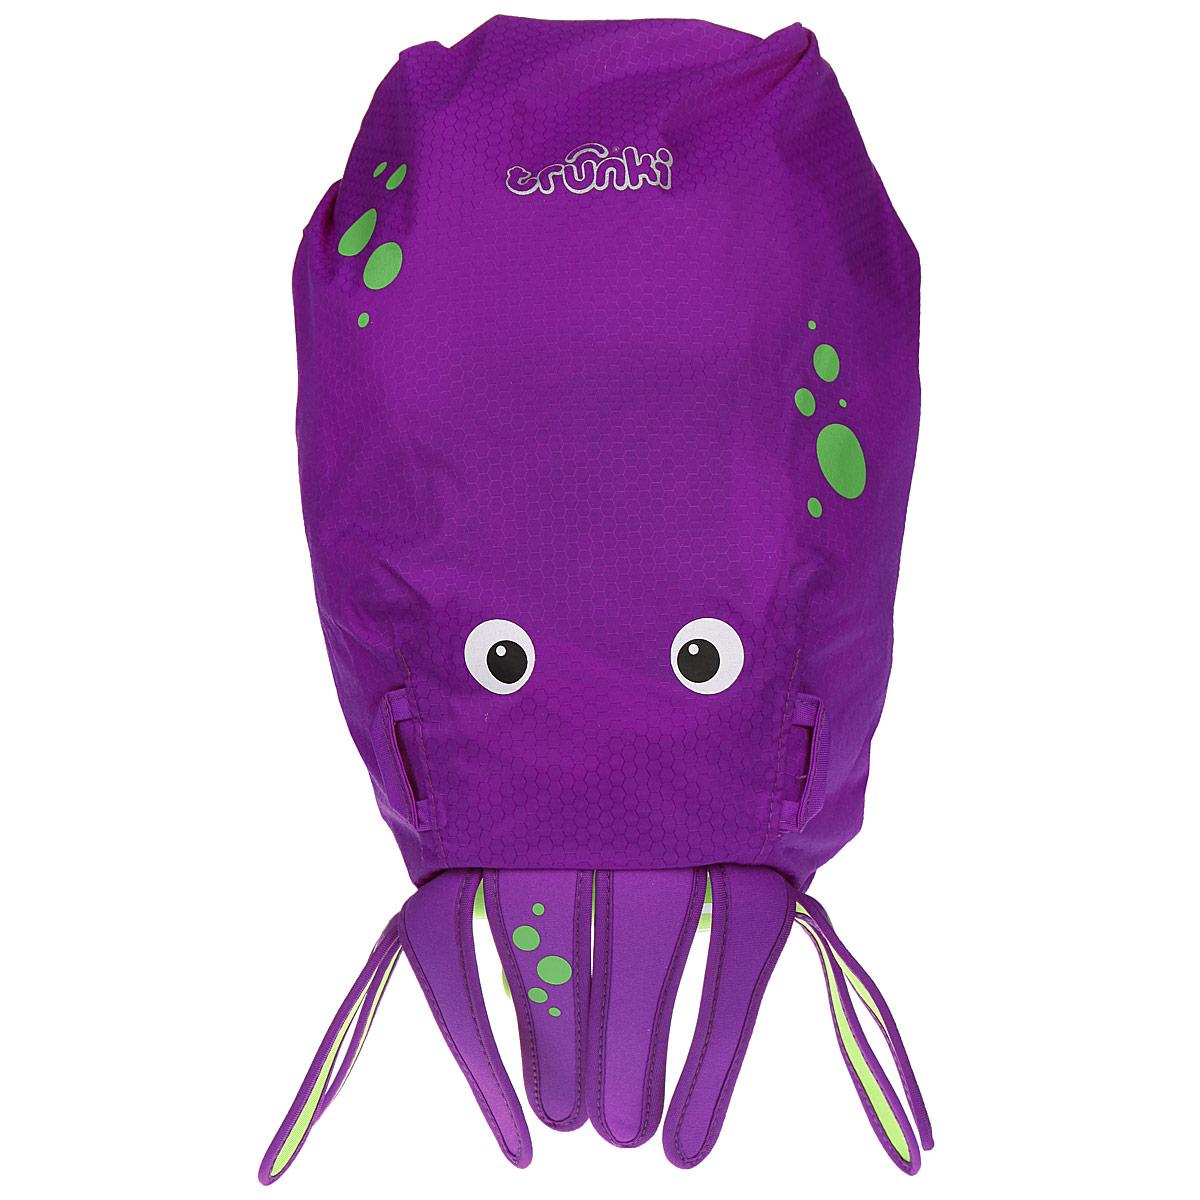 Детский рюкзак для бассейна и пляжа Trunki Осьминог, цвет: фиолетовый, салатовый, 7,5 л детский рюкзак для бассейна и пляжа trunki лягушка цвет салатовый желтый 7 5 л